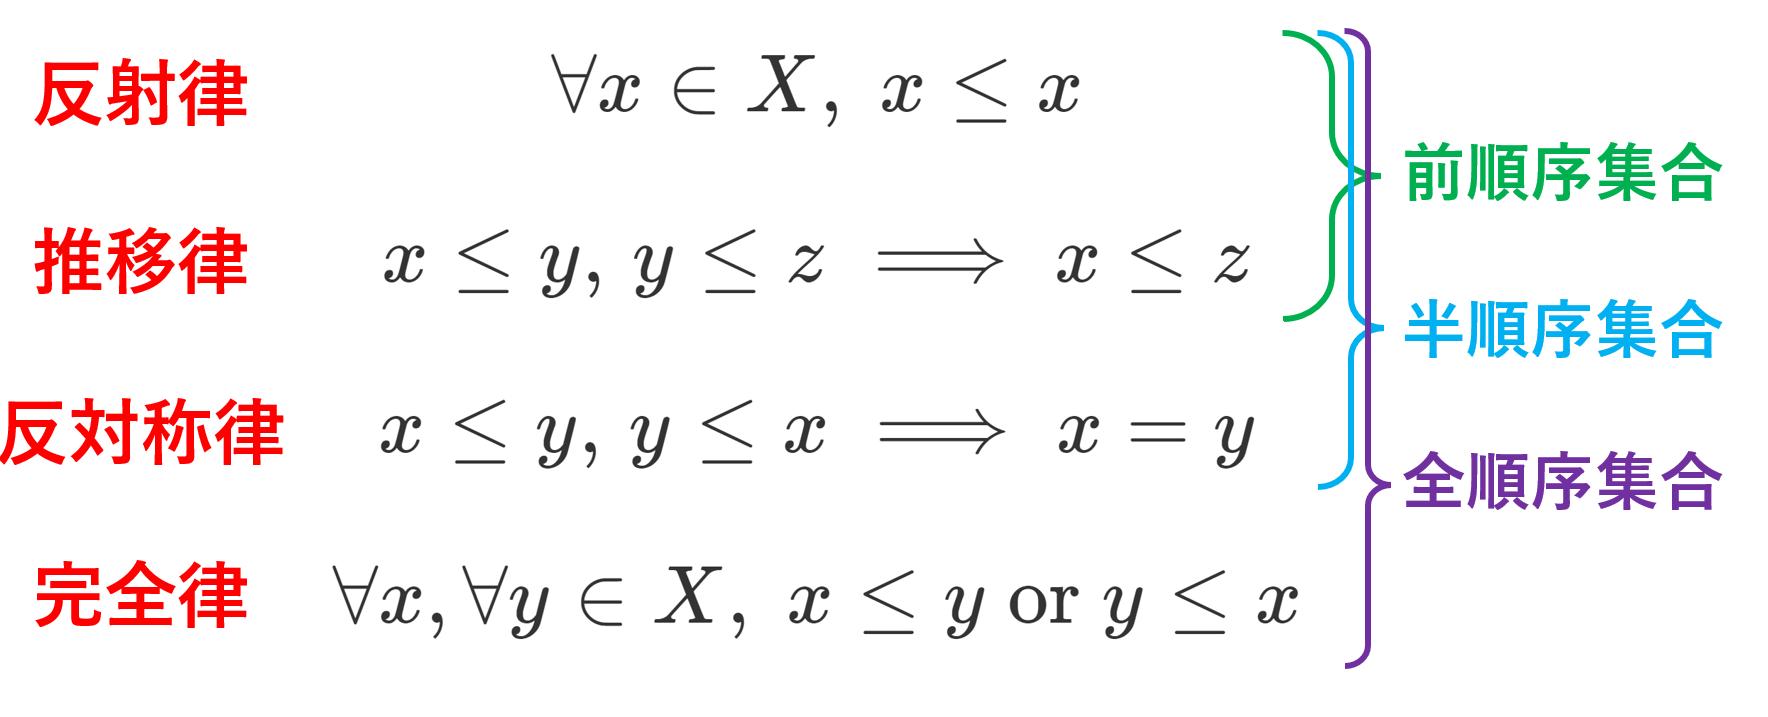 半順序集合・全順序集合の定義・具体例4つとその周辺